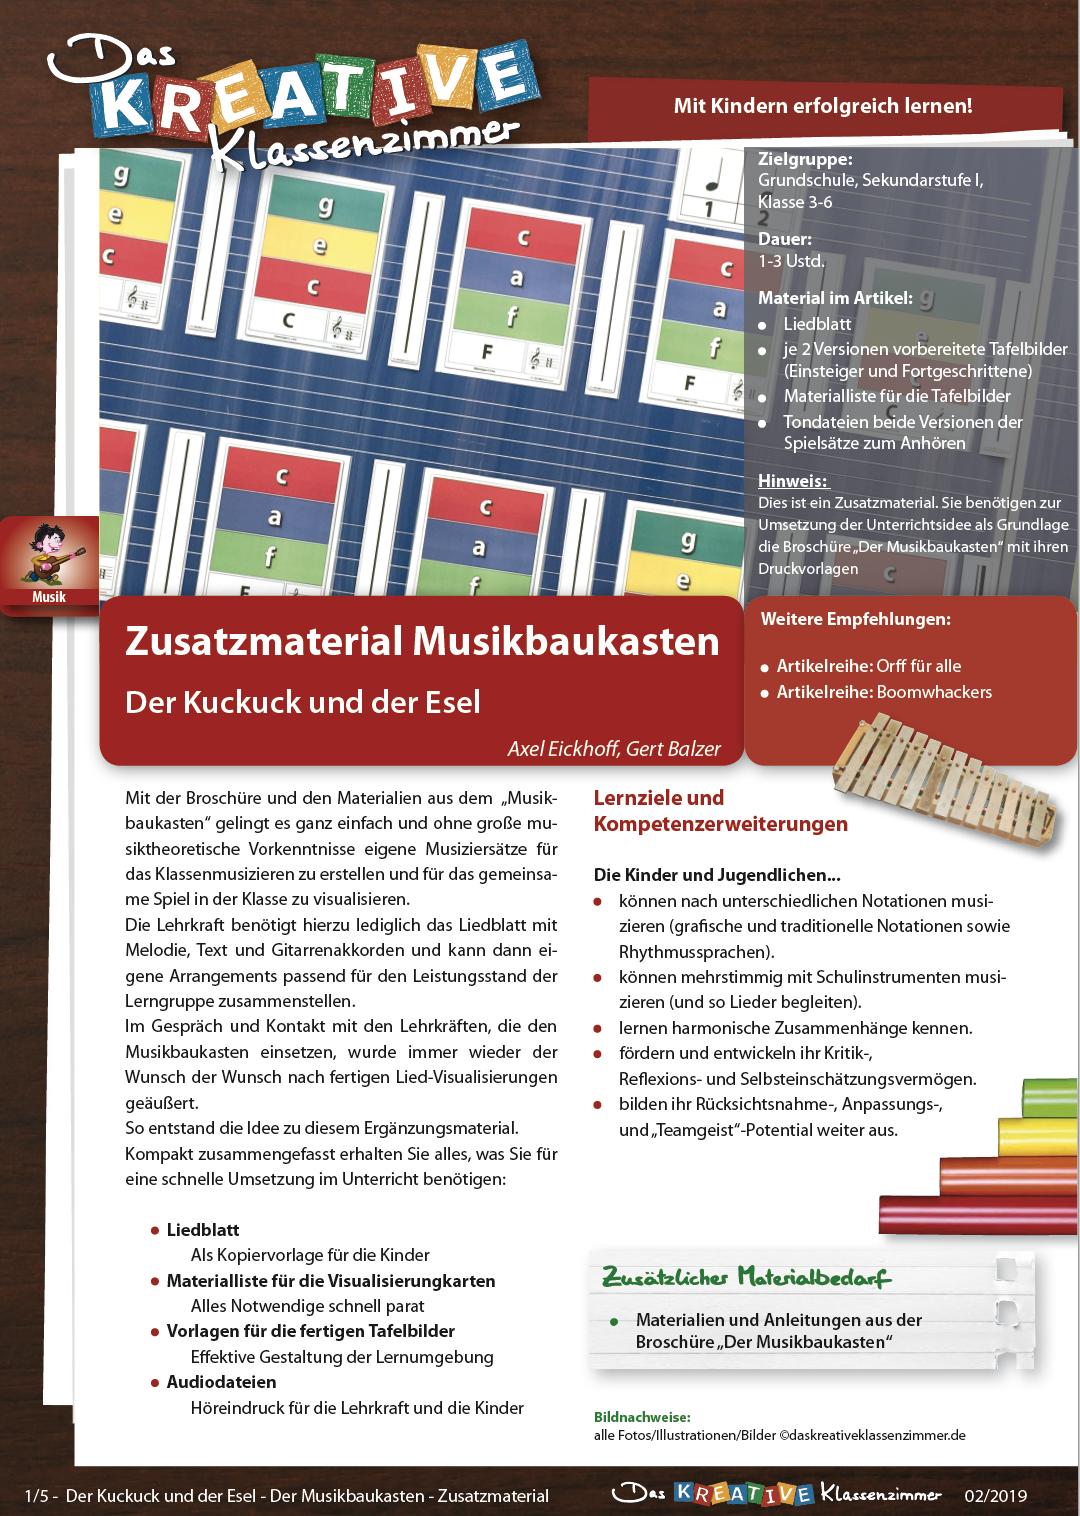 Der Kuckuck und der Esel - Zusatzmaterial Musikbaukasten